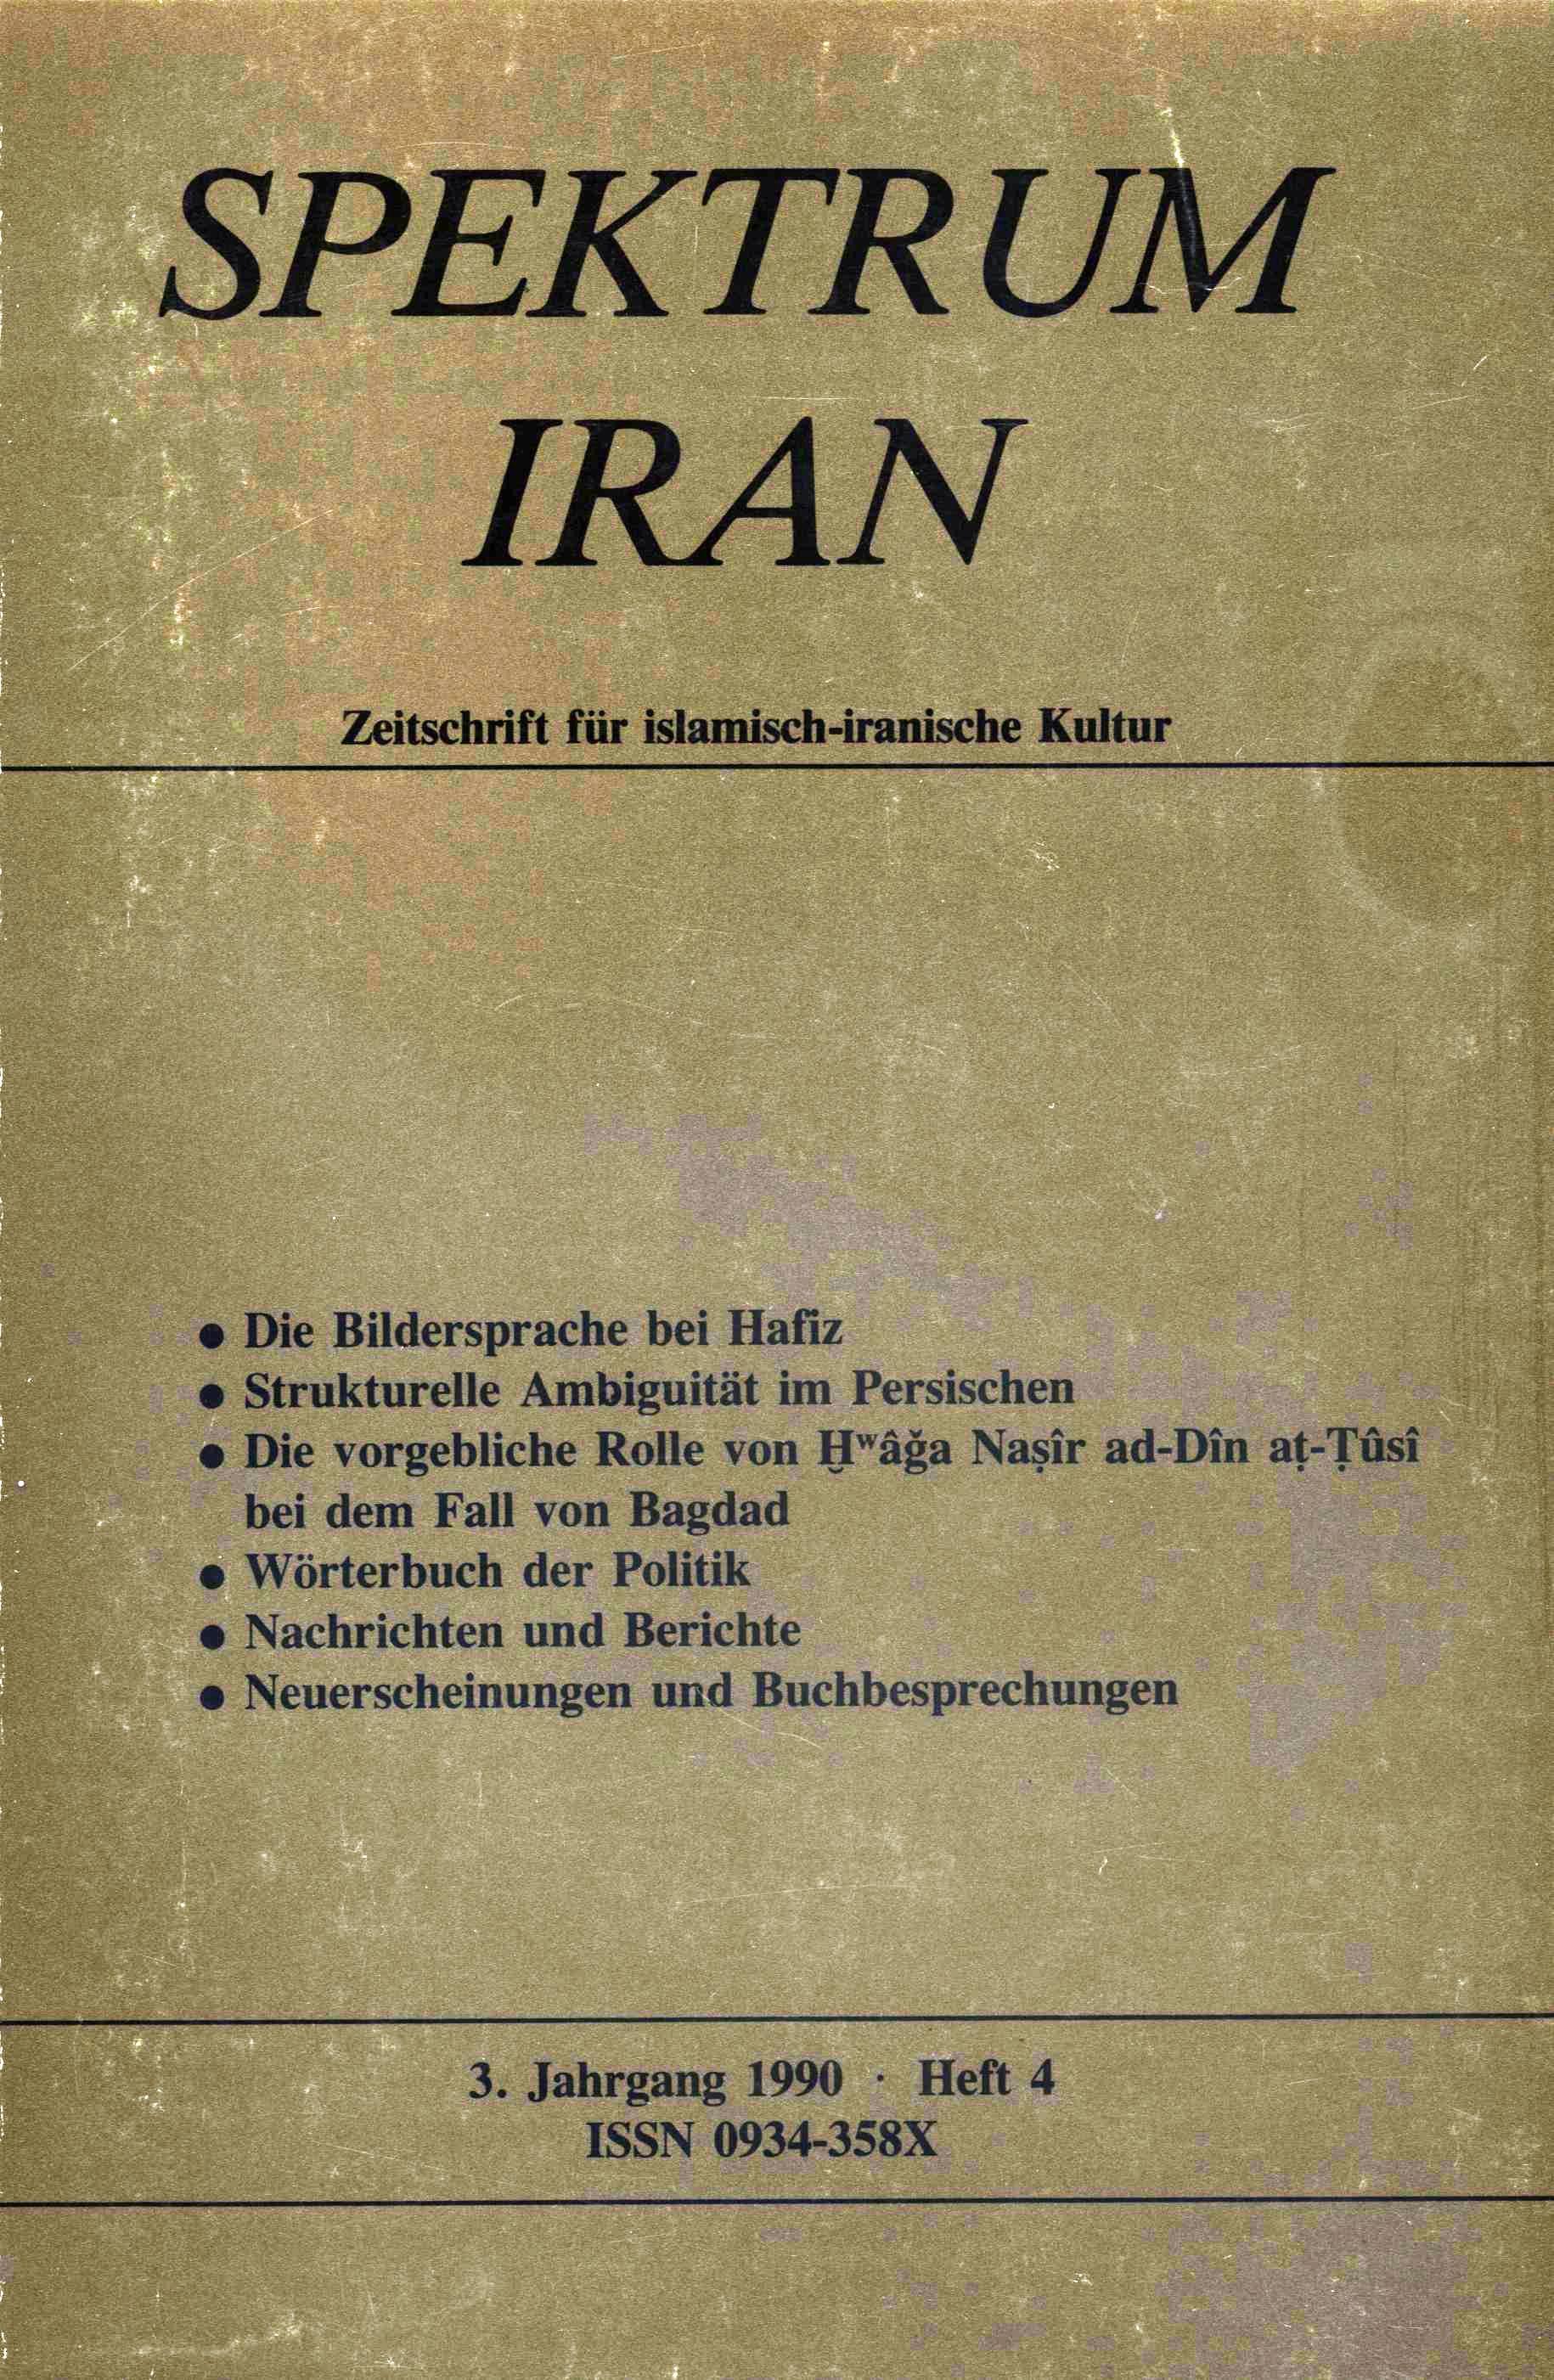 Spektrum Iran 4 - 1990